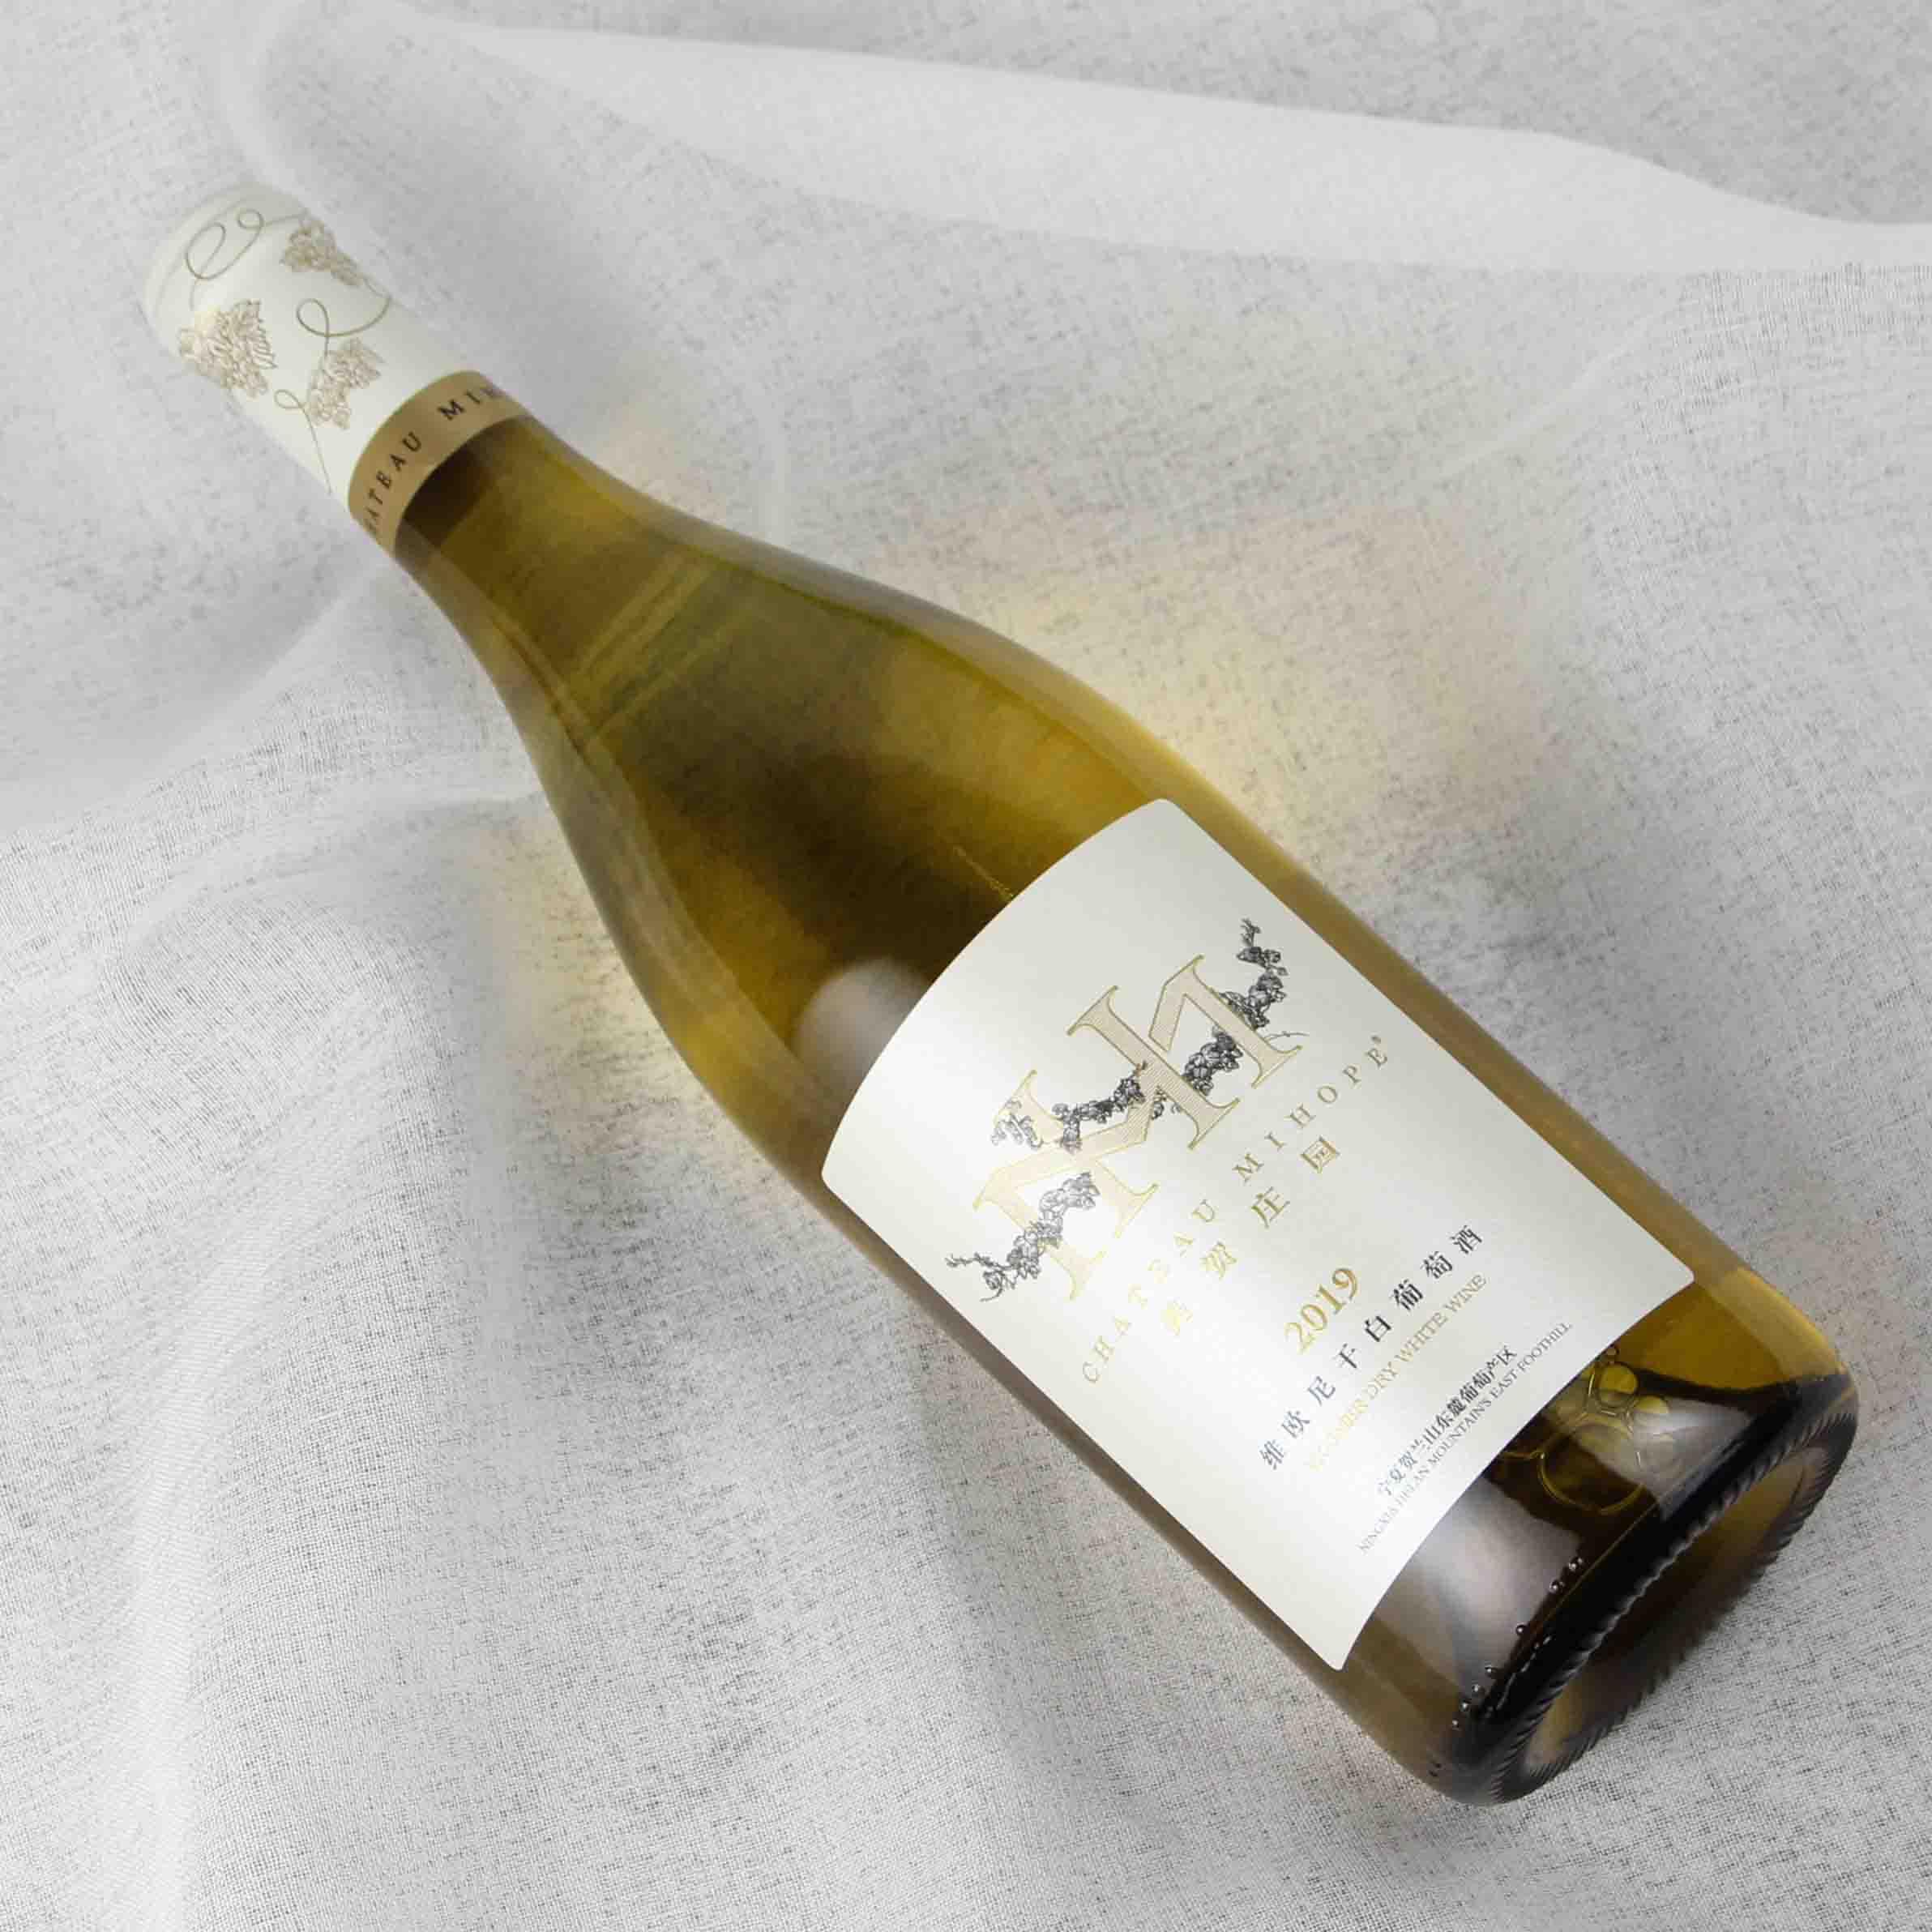 中国宁夏区美贺庄园2019维欧尼干白葡萄酒